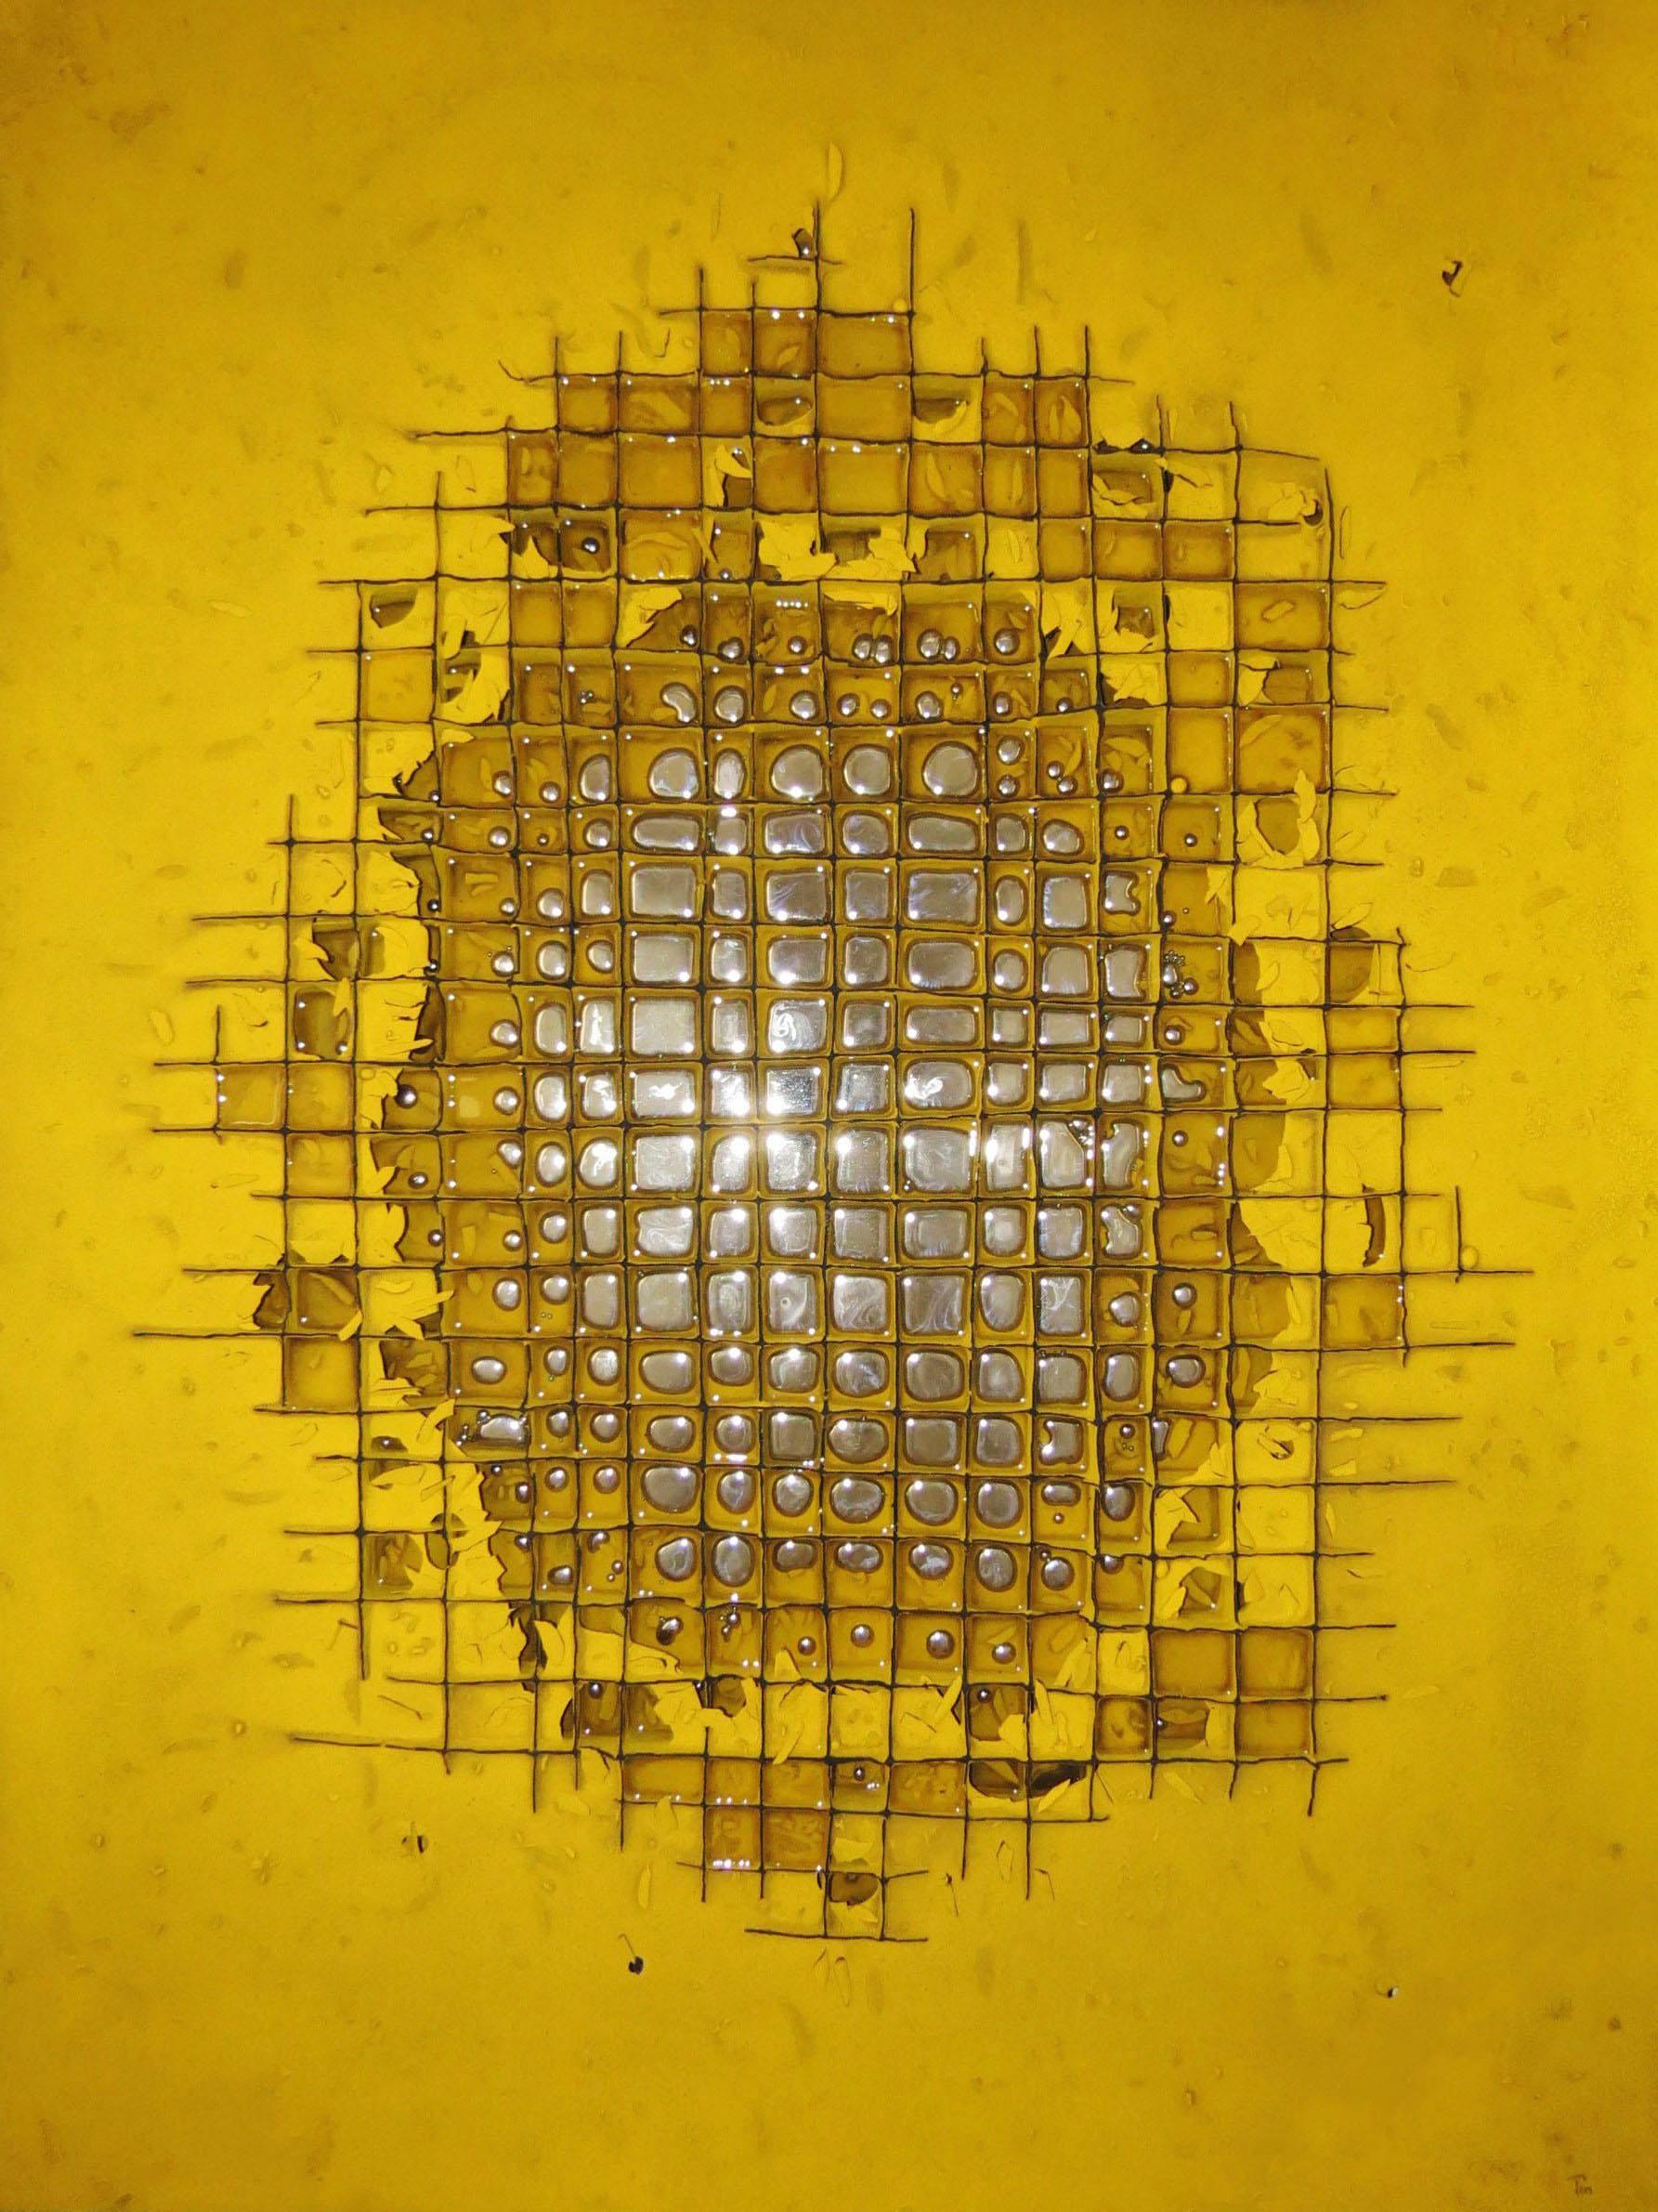 Mercurial Ii 130 X 100 Cm T Mixta Y Mercurio Encapsulado Sobre Tabla Ano 2013 30 Kg